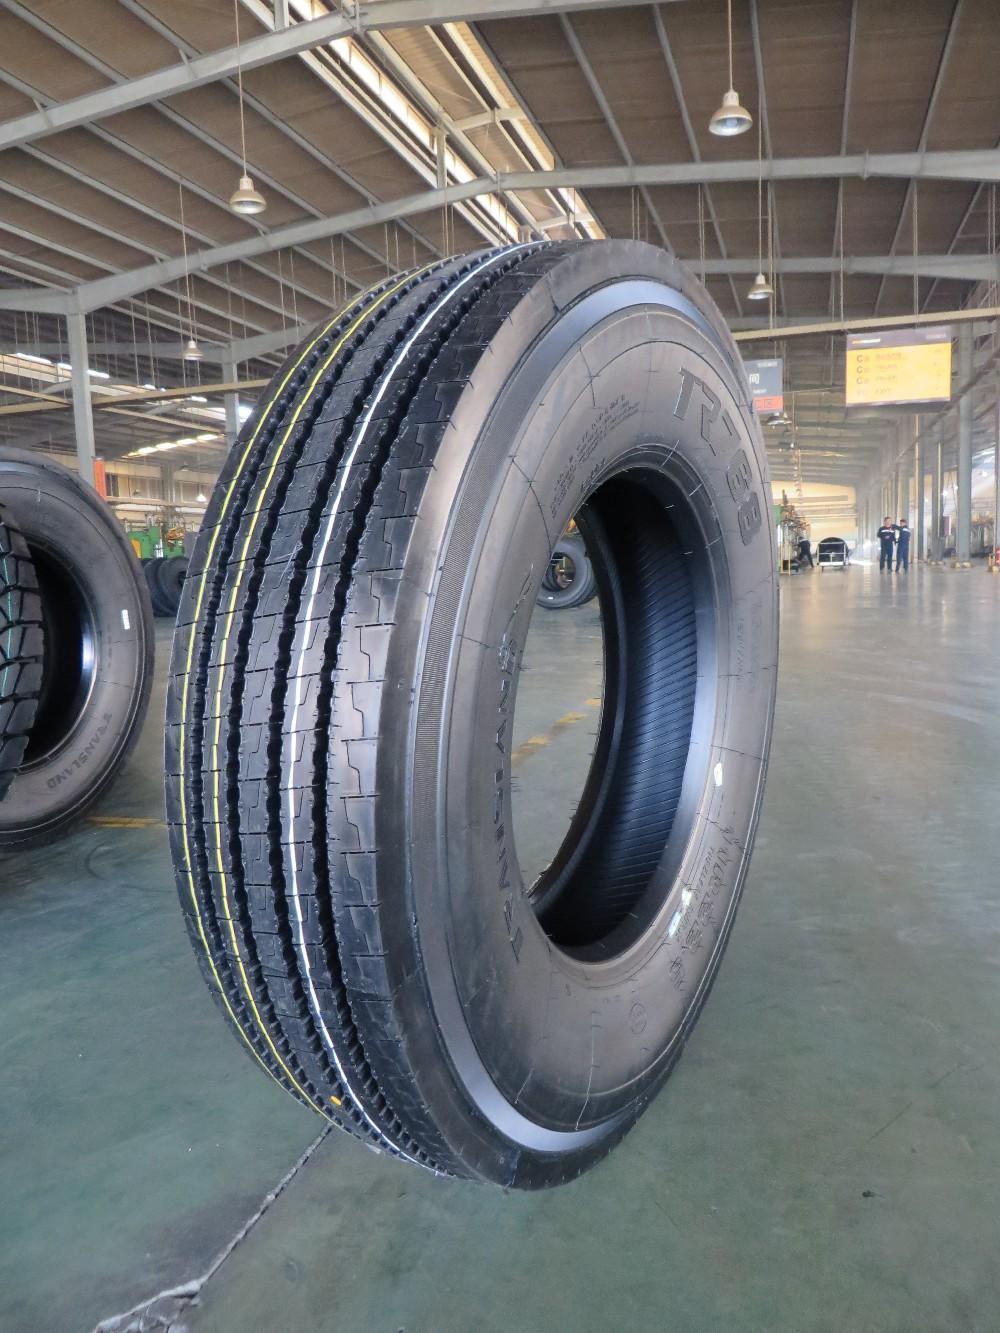 camions de pneus chinois marques de pneus 295 75r22 5 pneus de camion id de produit 60585795236. Black Bedroom Furniture Sets. Home Design Ideas